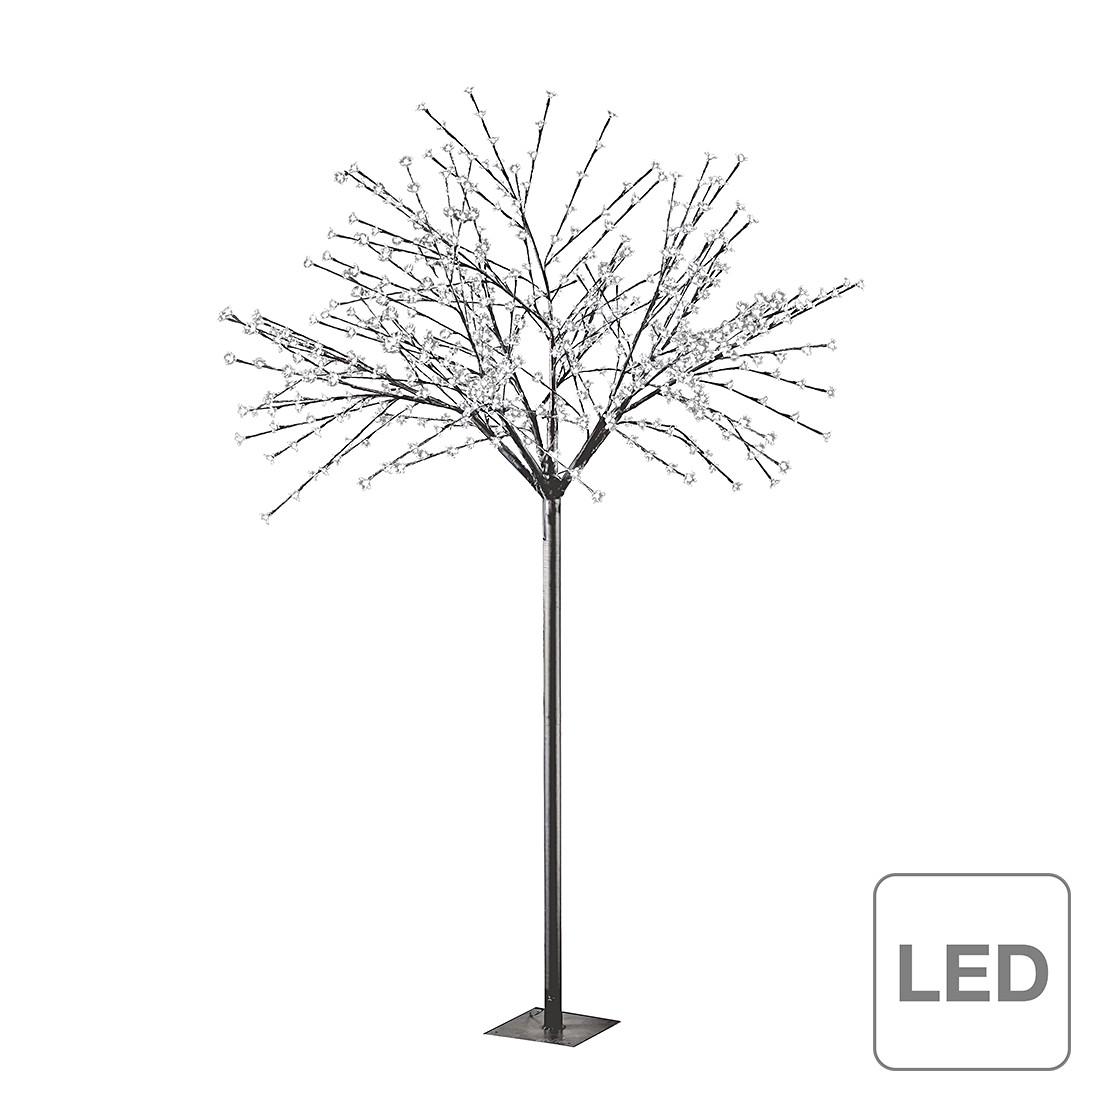 Stehleuchte Led Tree - 600-flammig, Leuchten Direkt